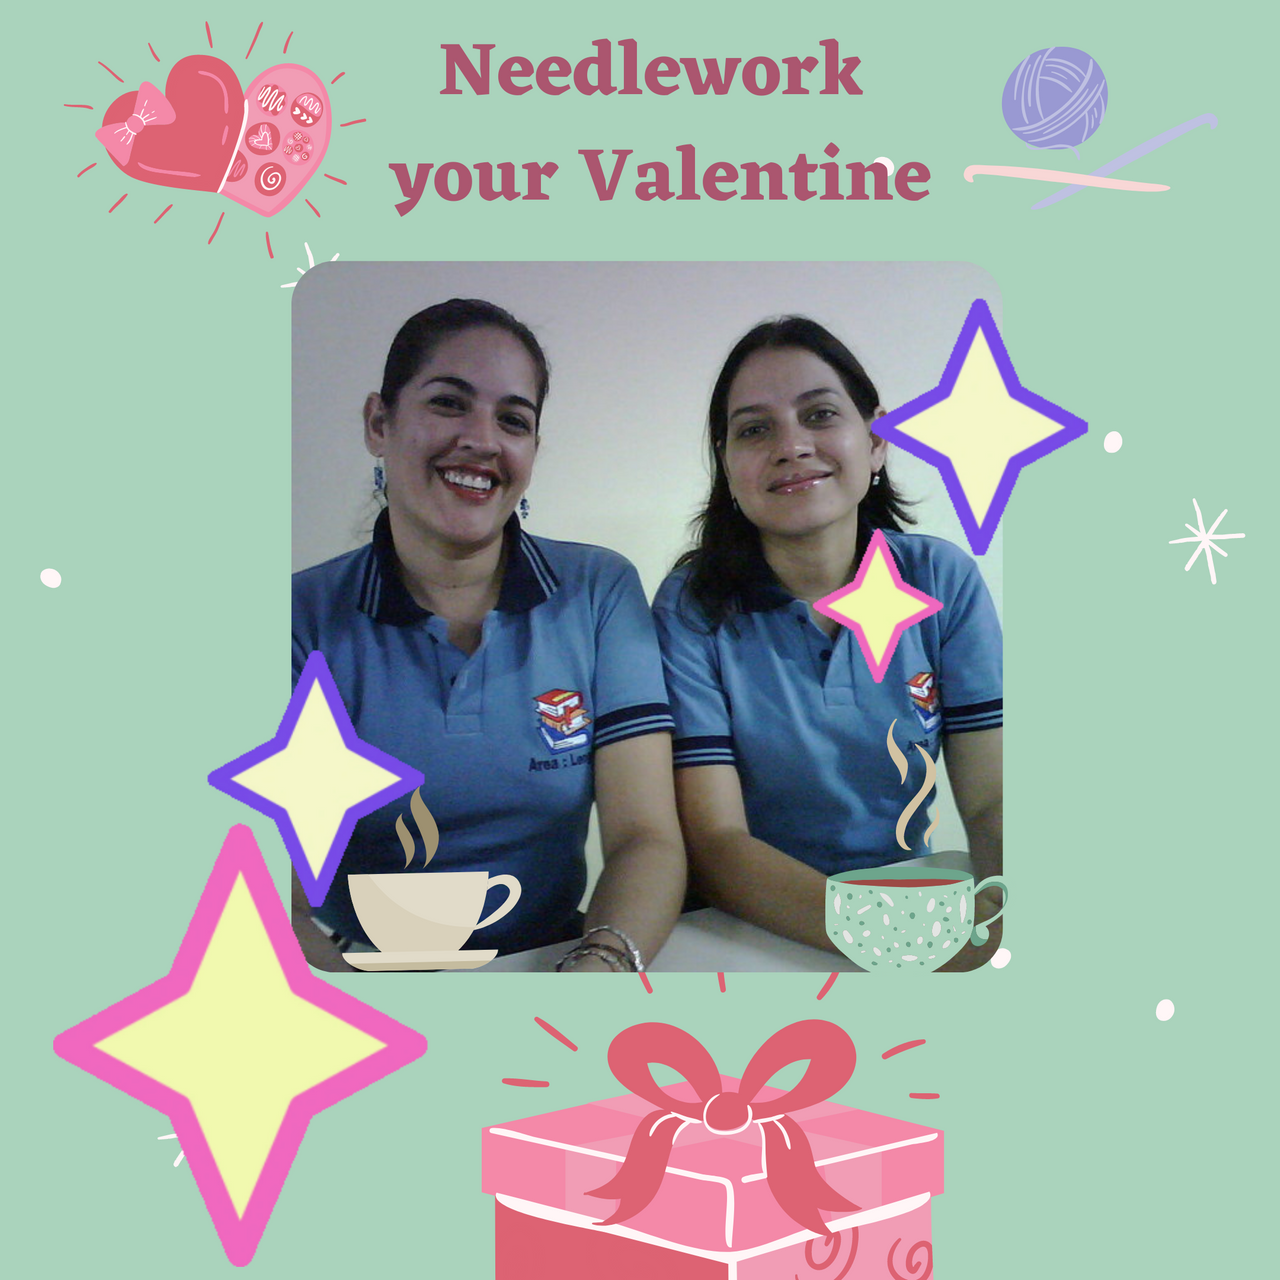 Ofertas San Valentín ilustración con regalos con fondo rosa Post para instagram (1).png